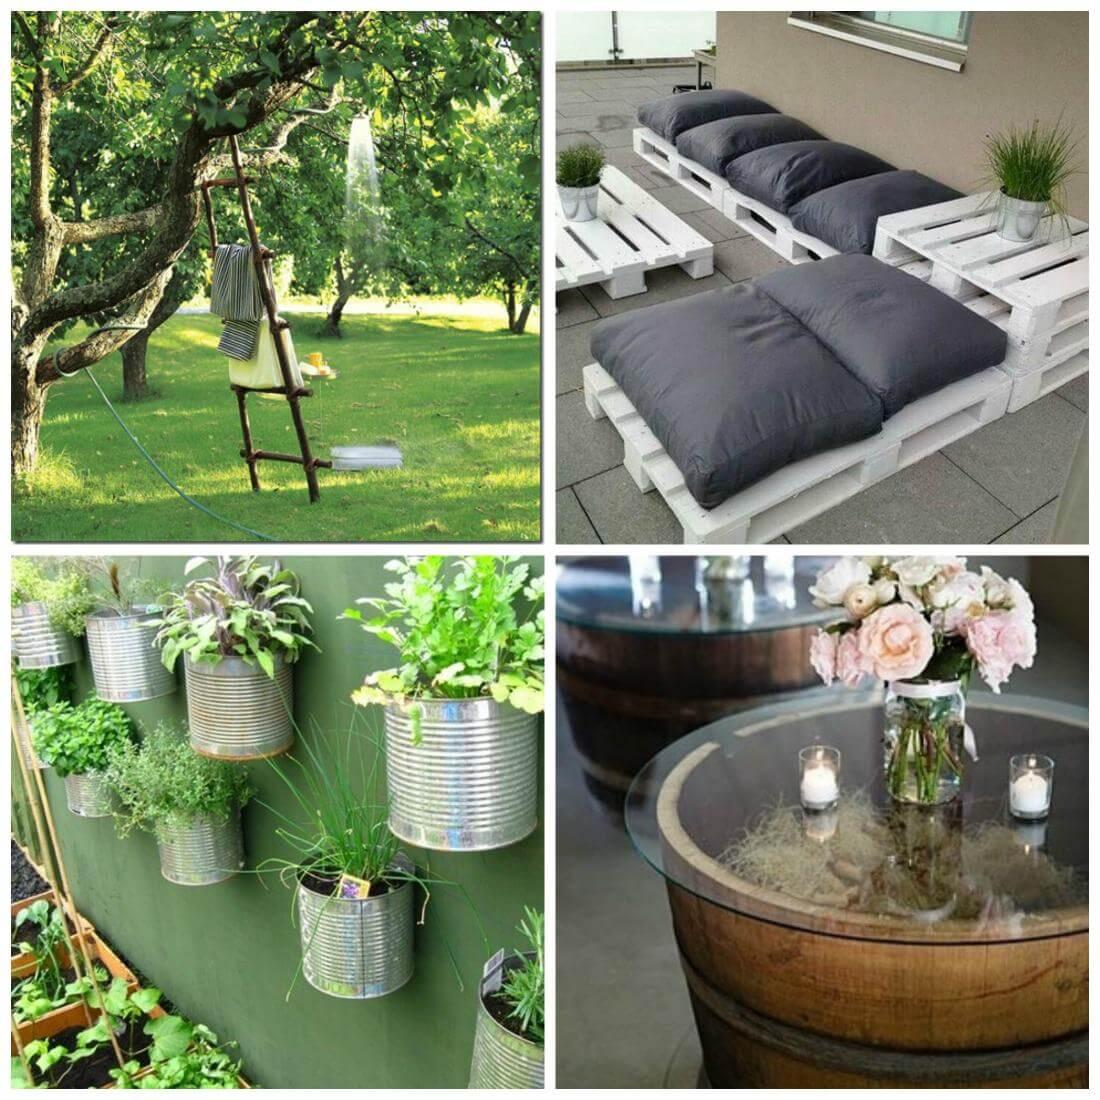 Arredare Con Le Damigiane fai da te in giardino: migliora (con poco) il tuo spazio verde